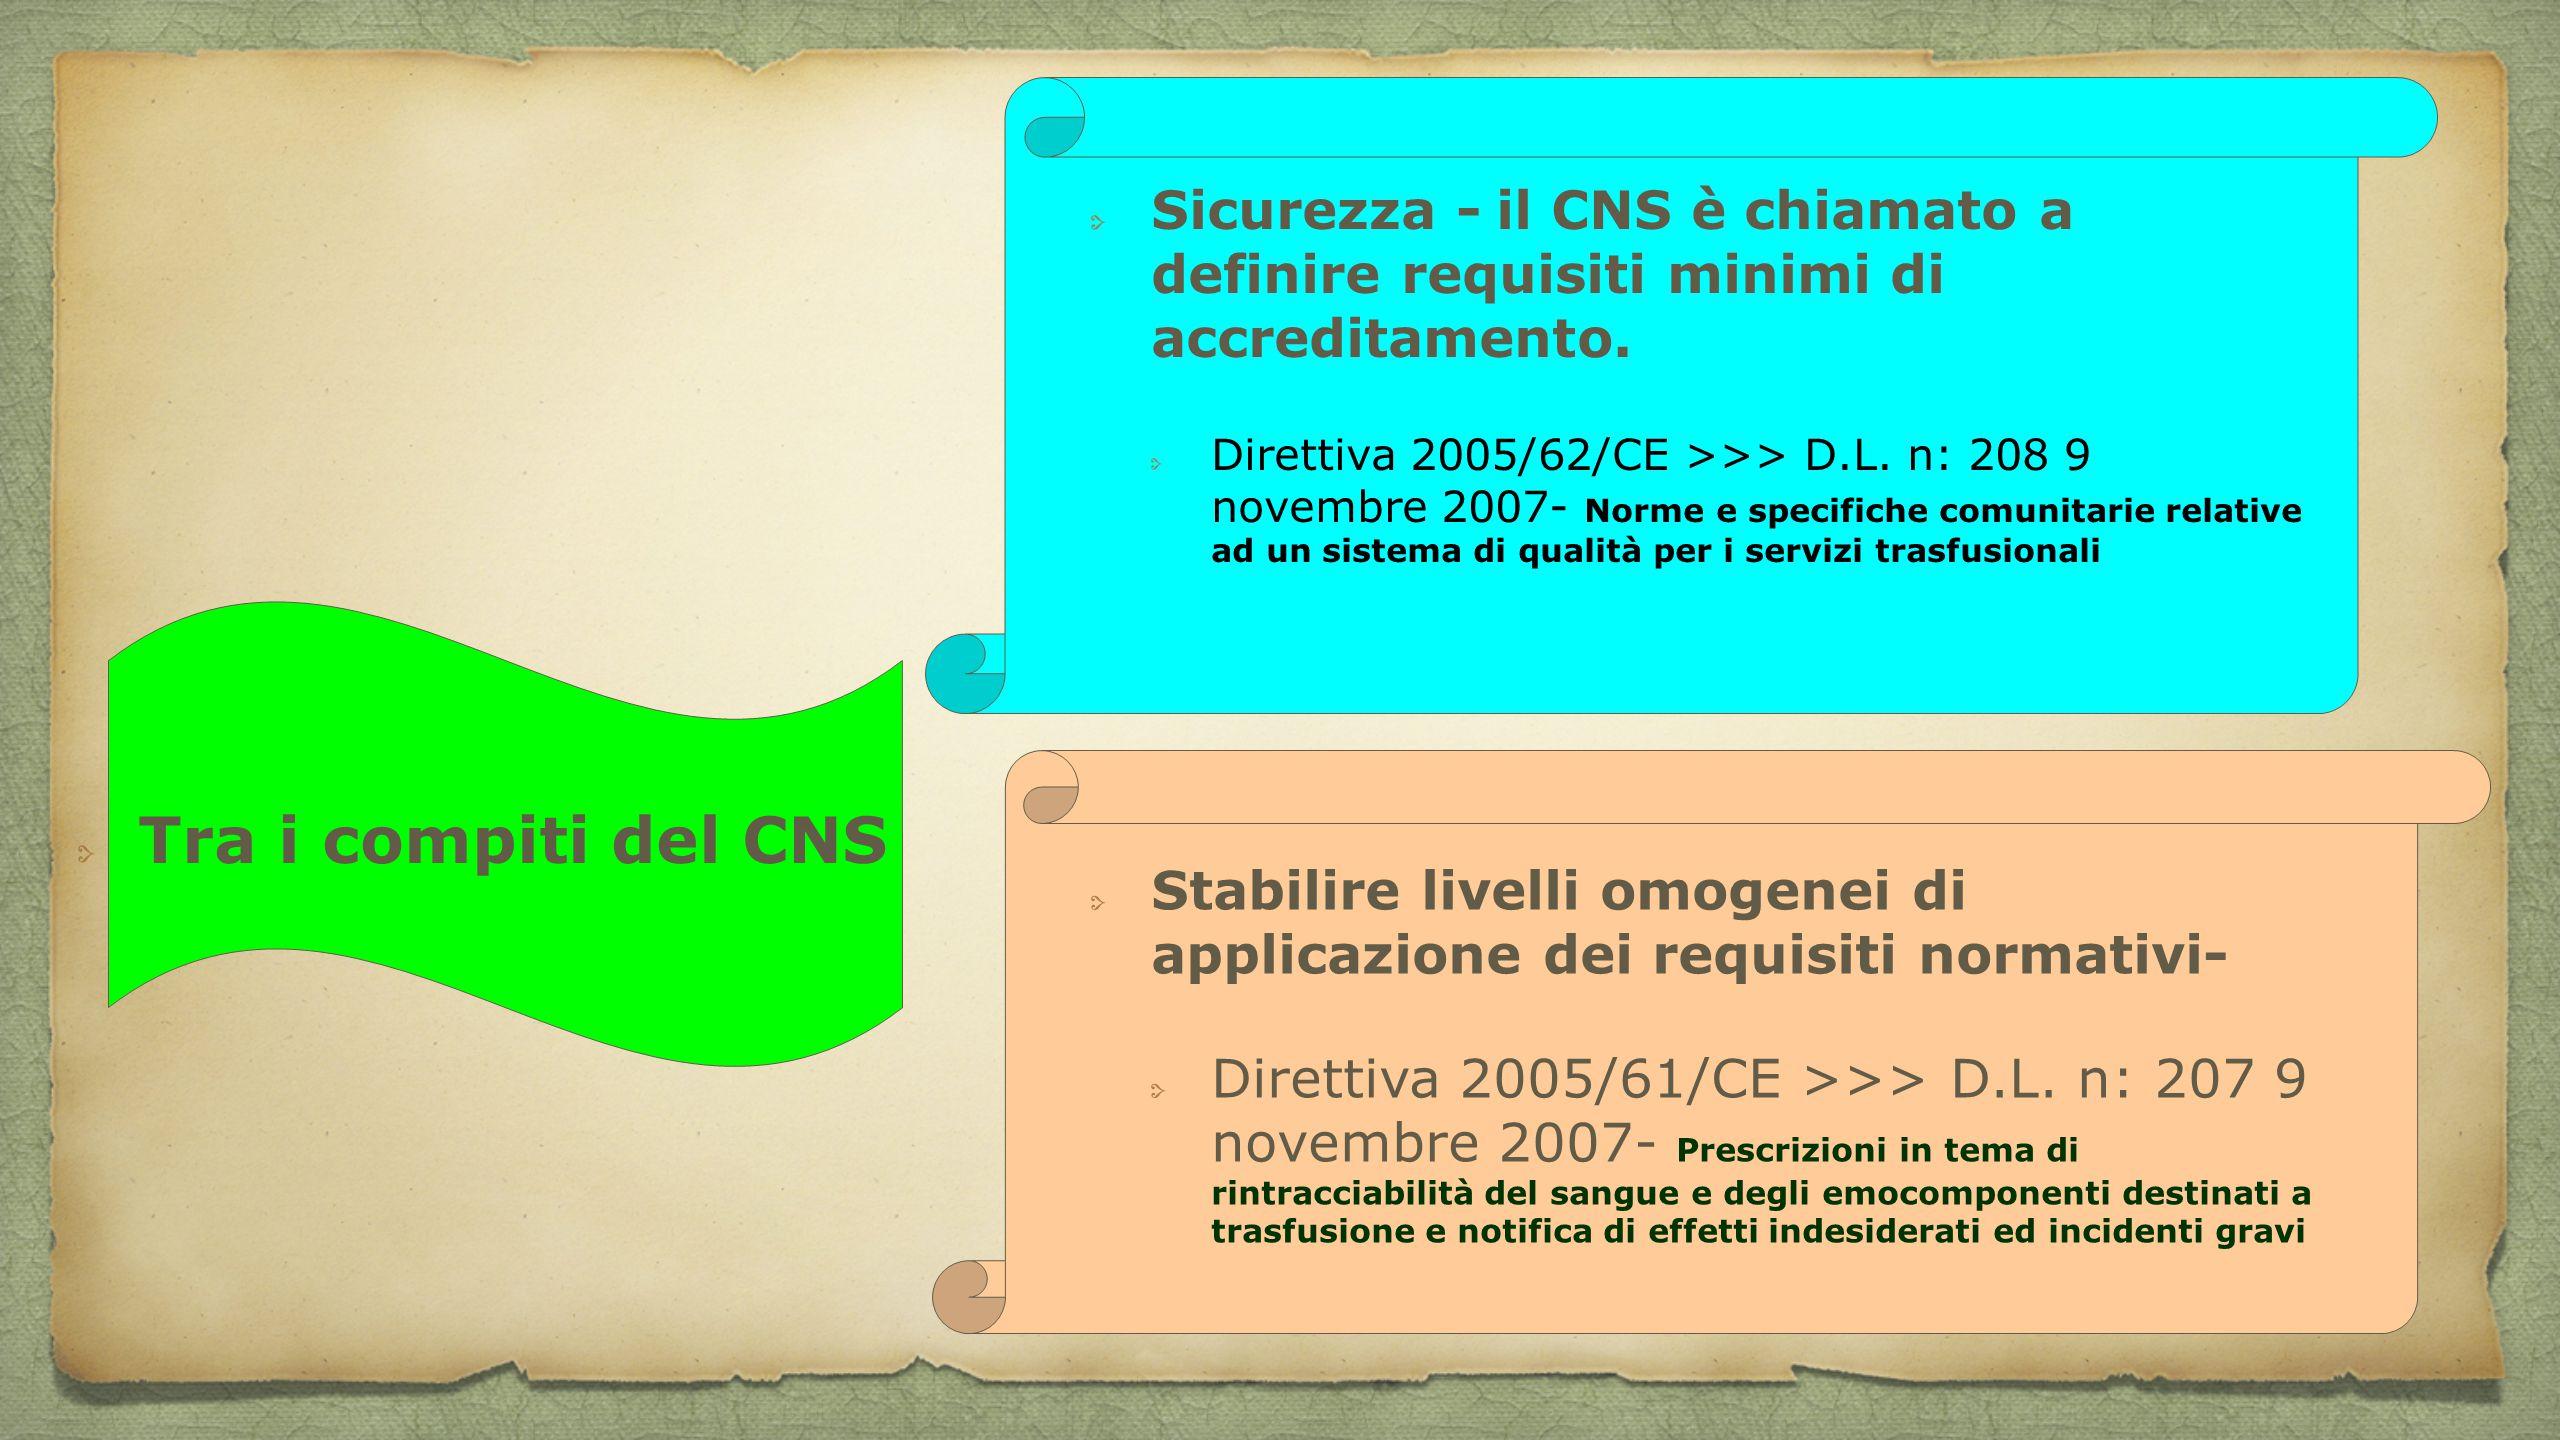 Sicurezza - il CNS è chiamato a definire requisiti minimi di accreditamento.